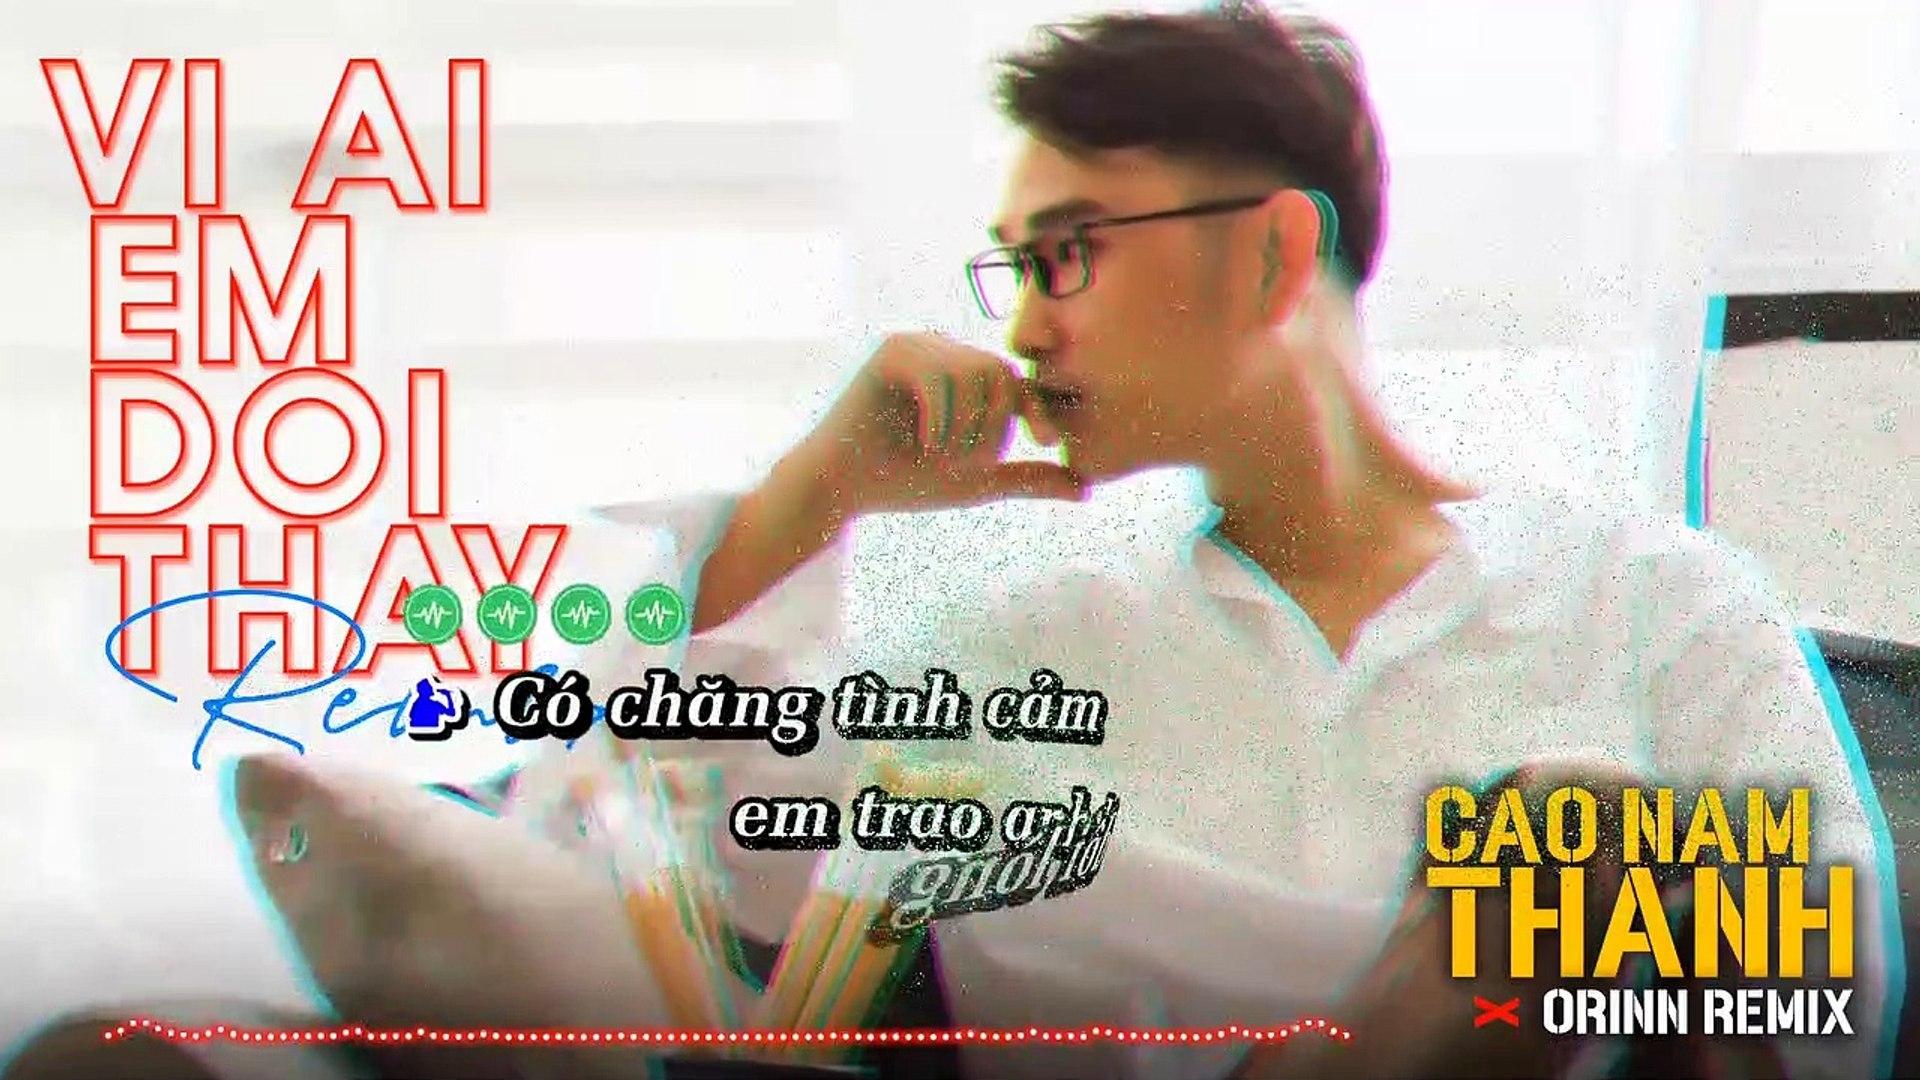 [Karaoke] Vì Ai Em Đổi Thay (Remix) - Cao Nam Thành [Beat Gốc]